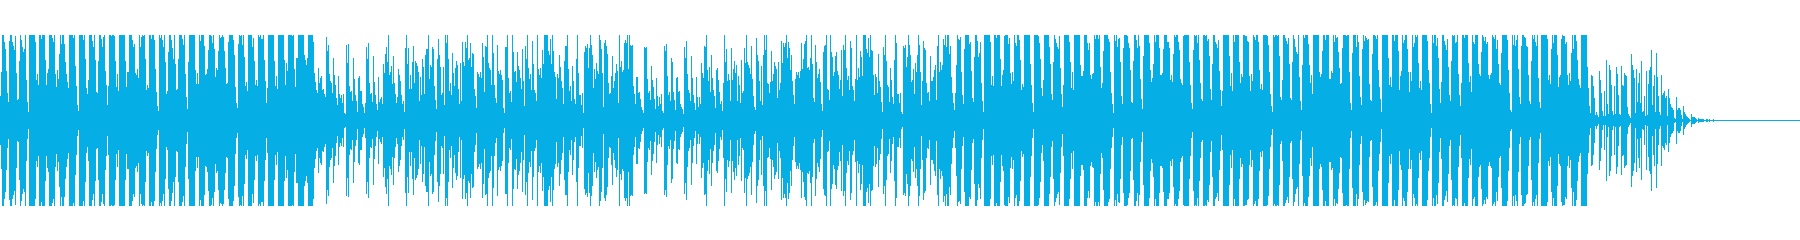 カッティングギターファンクBGMの再生済みの波形